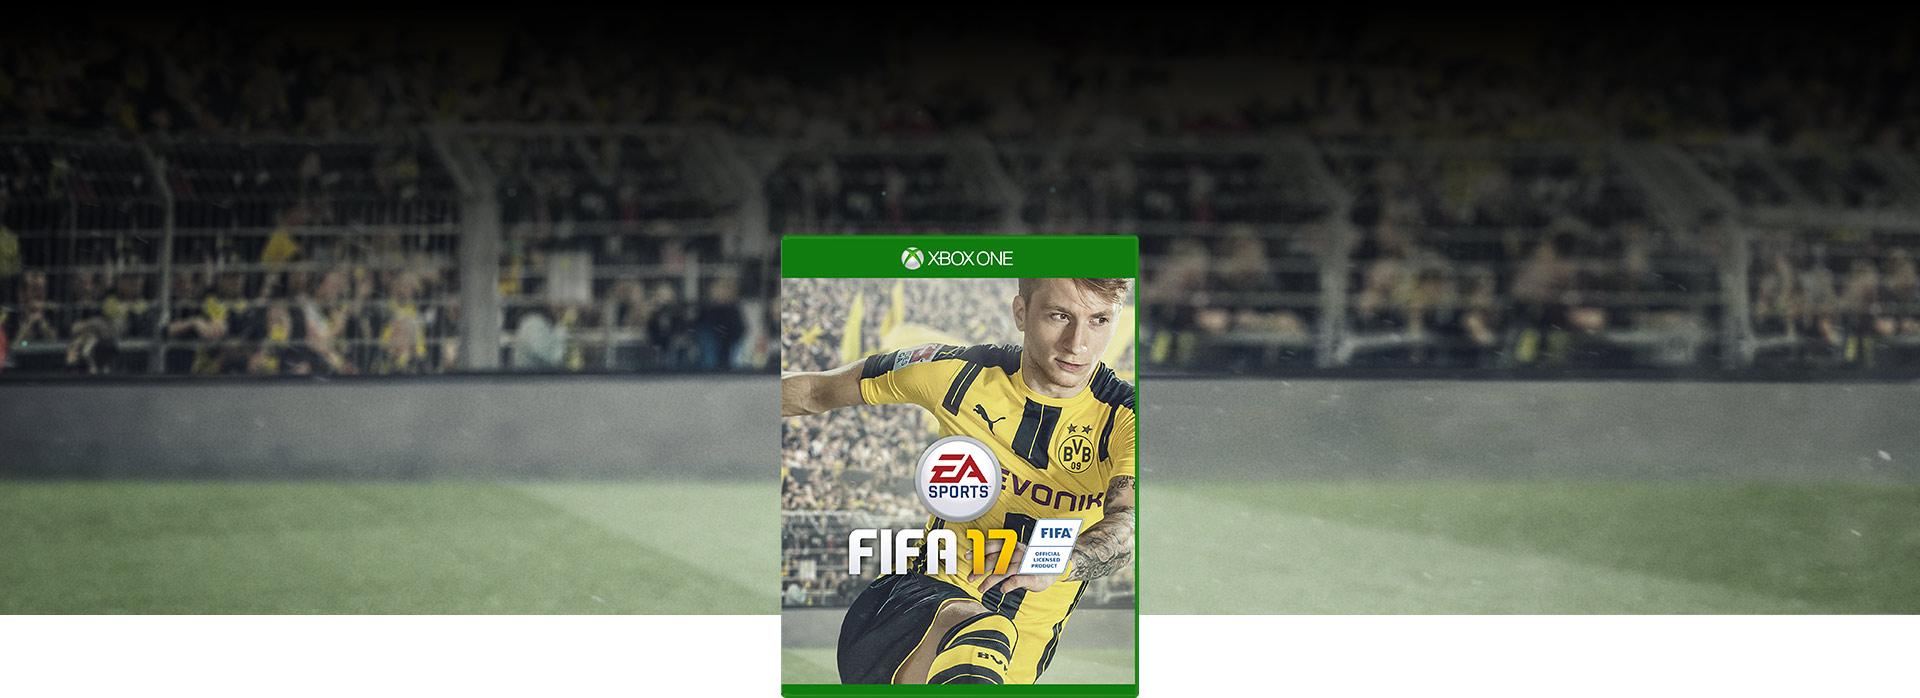 Imagen de la caja de FIFA17